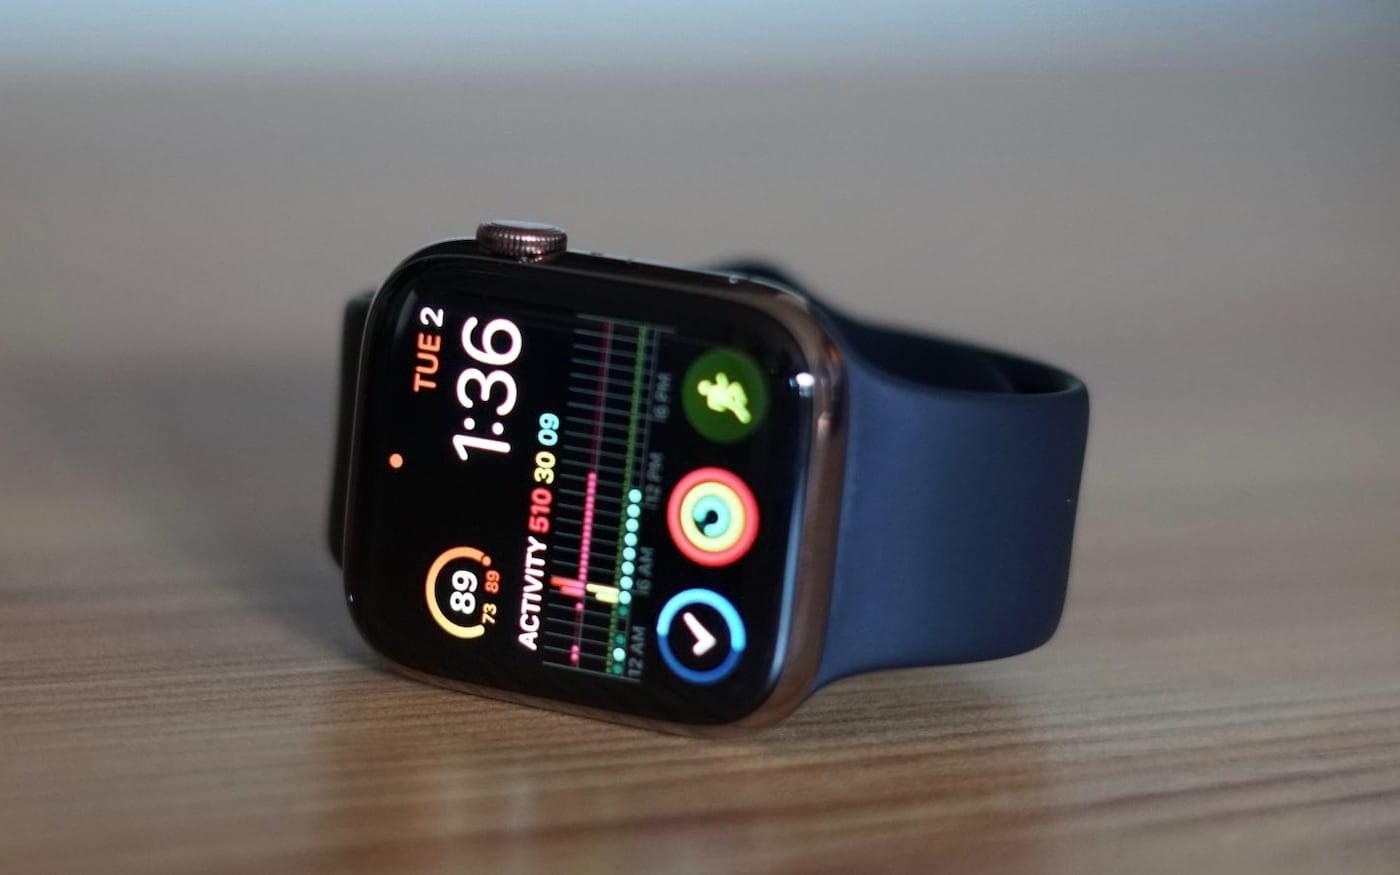 10 Dicas para melhorar a vida útil da bateria do Apple Watch